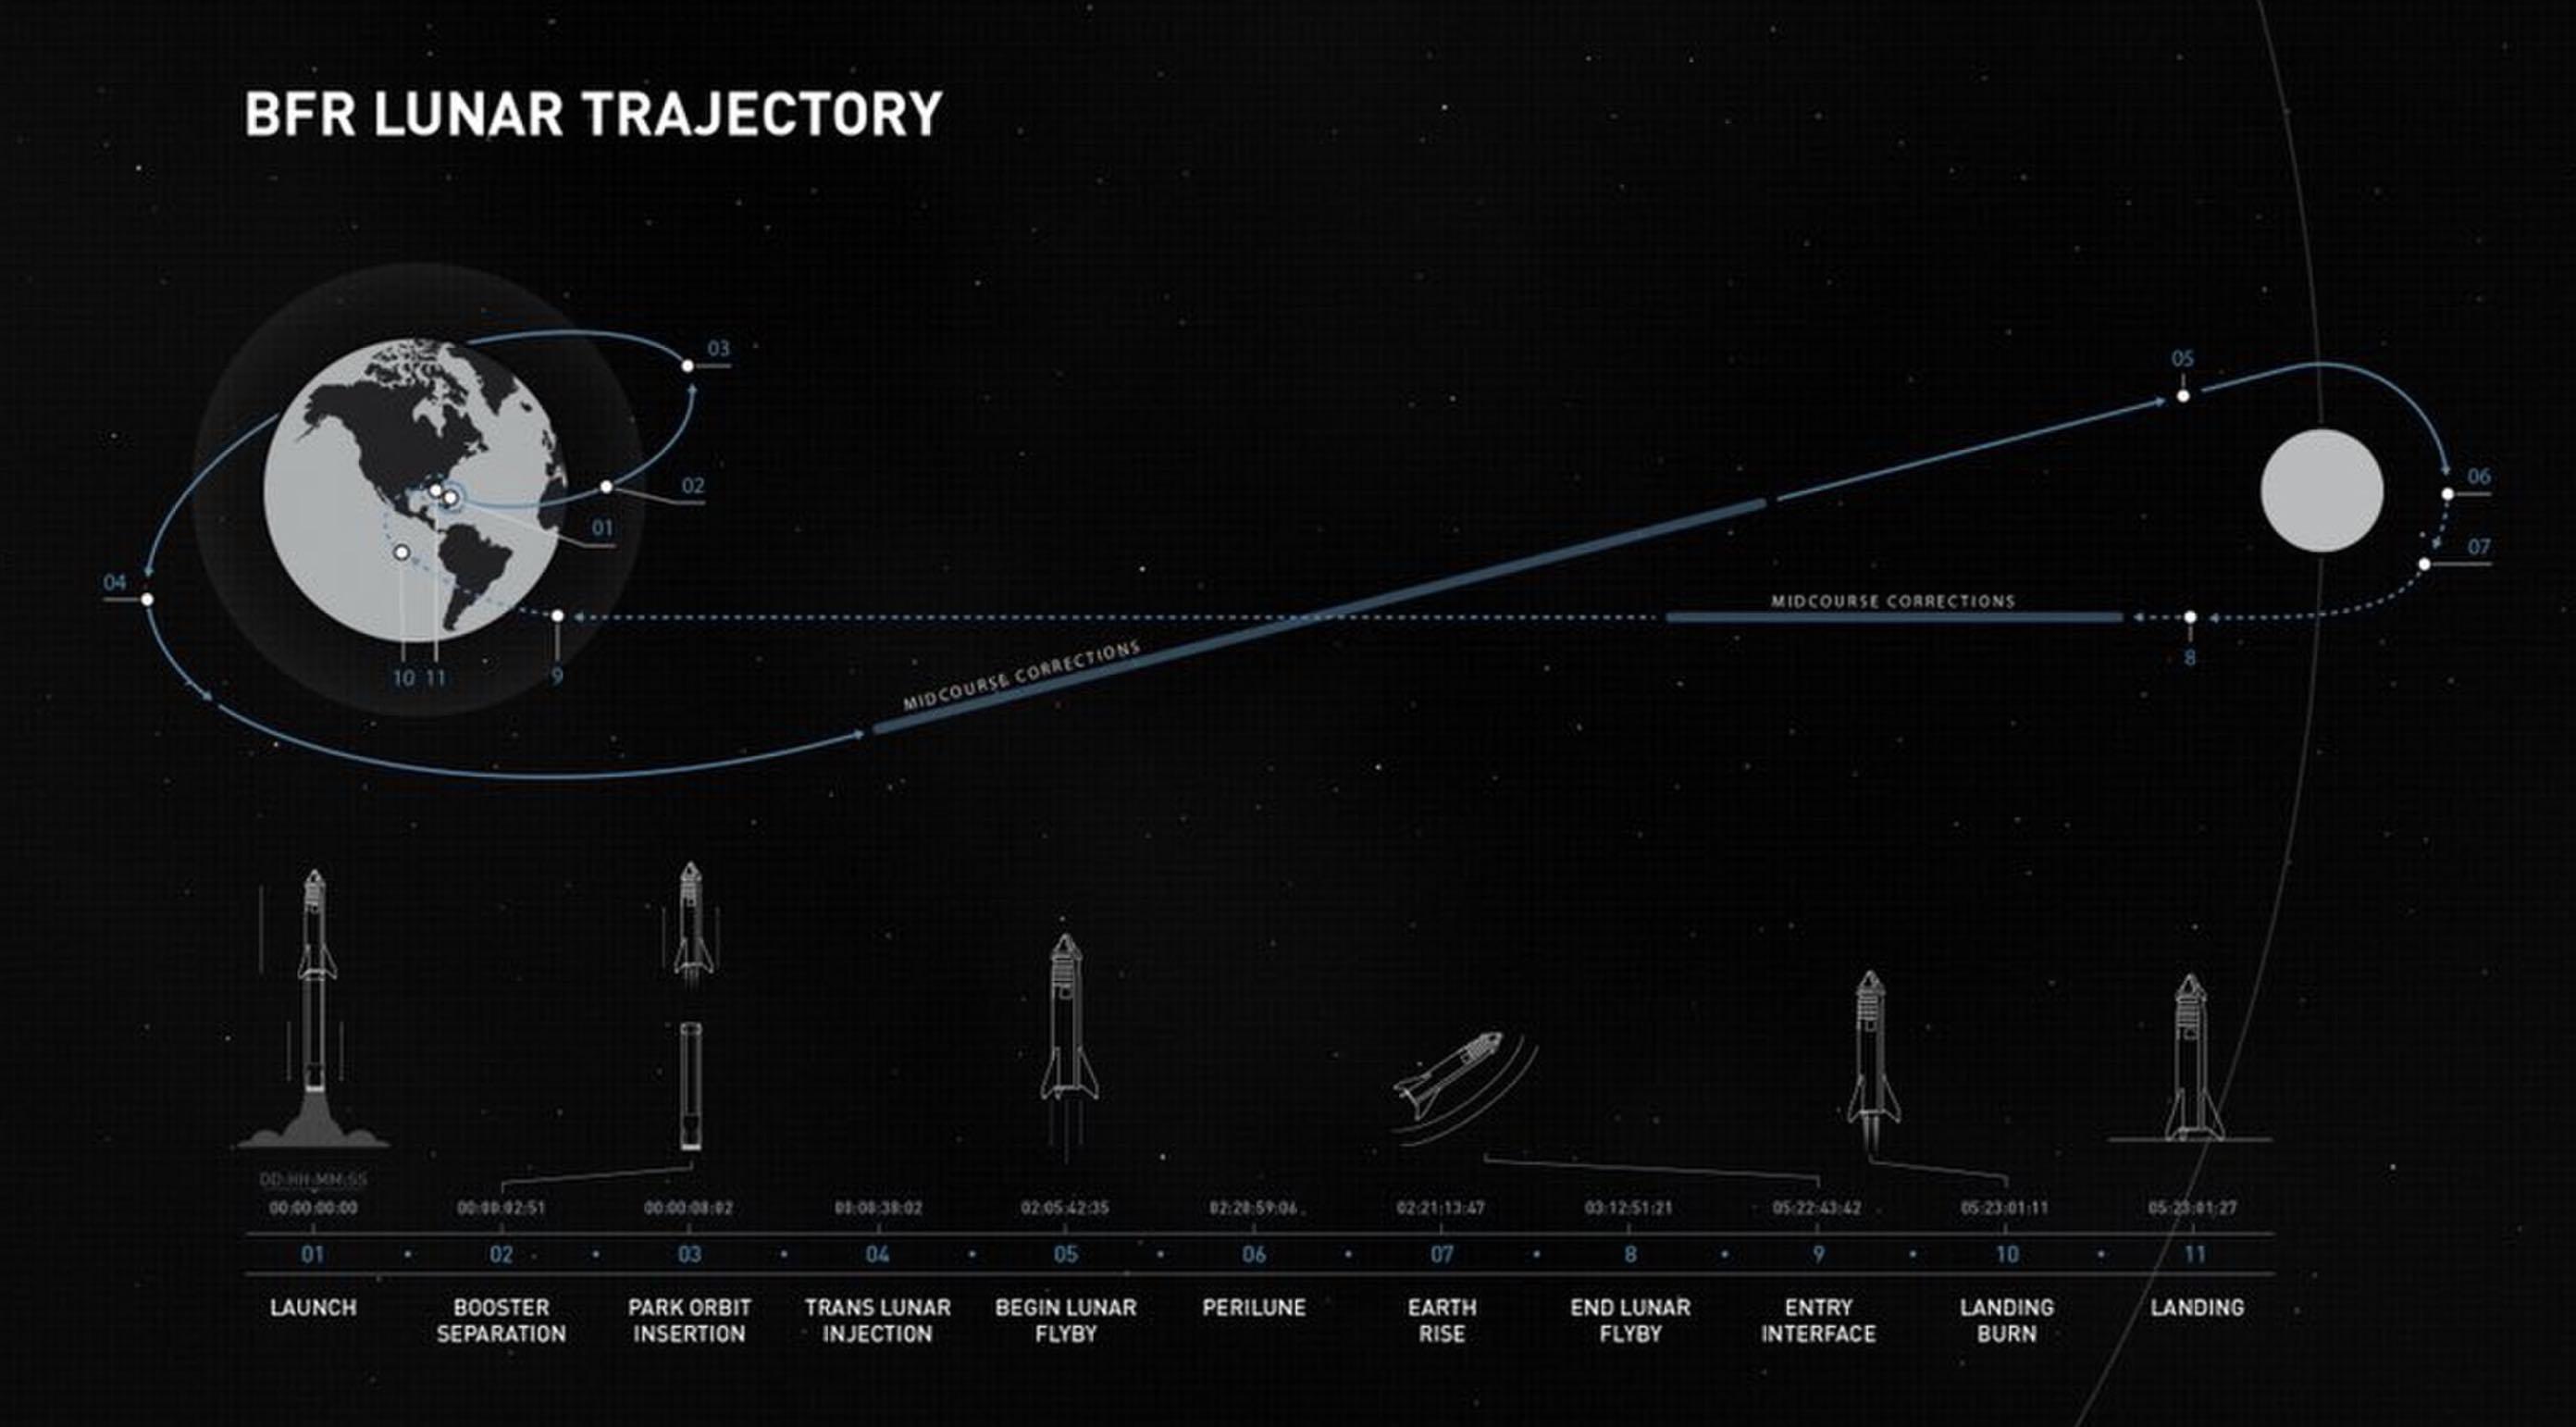 Schemat trajektorii lotu rakiety BFR na Księżyc.